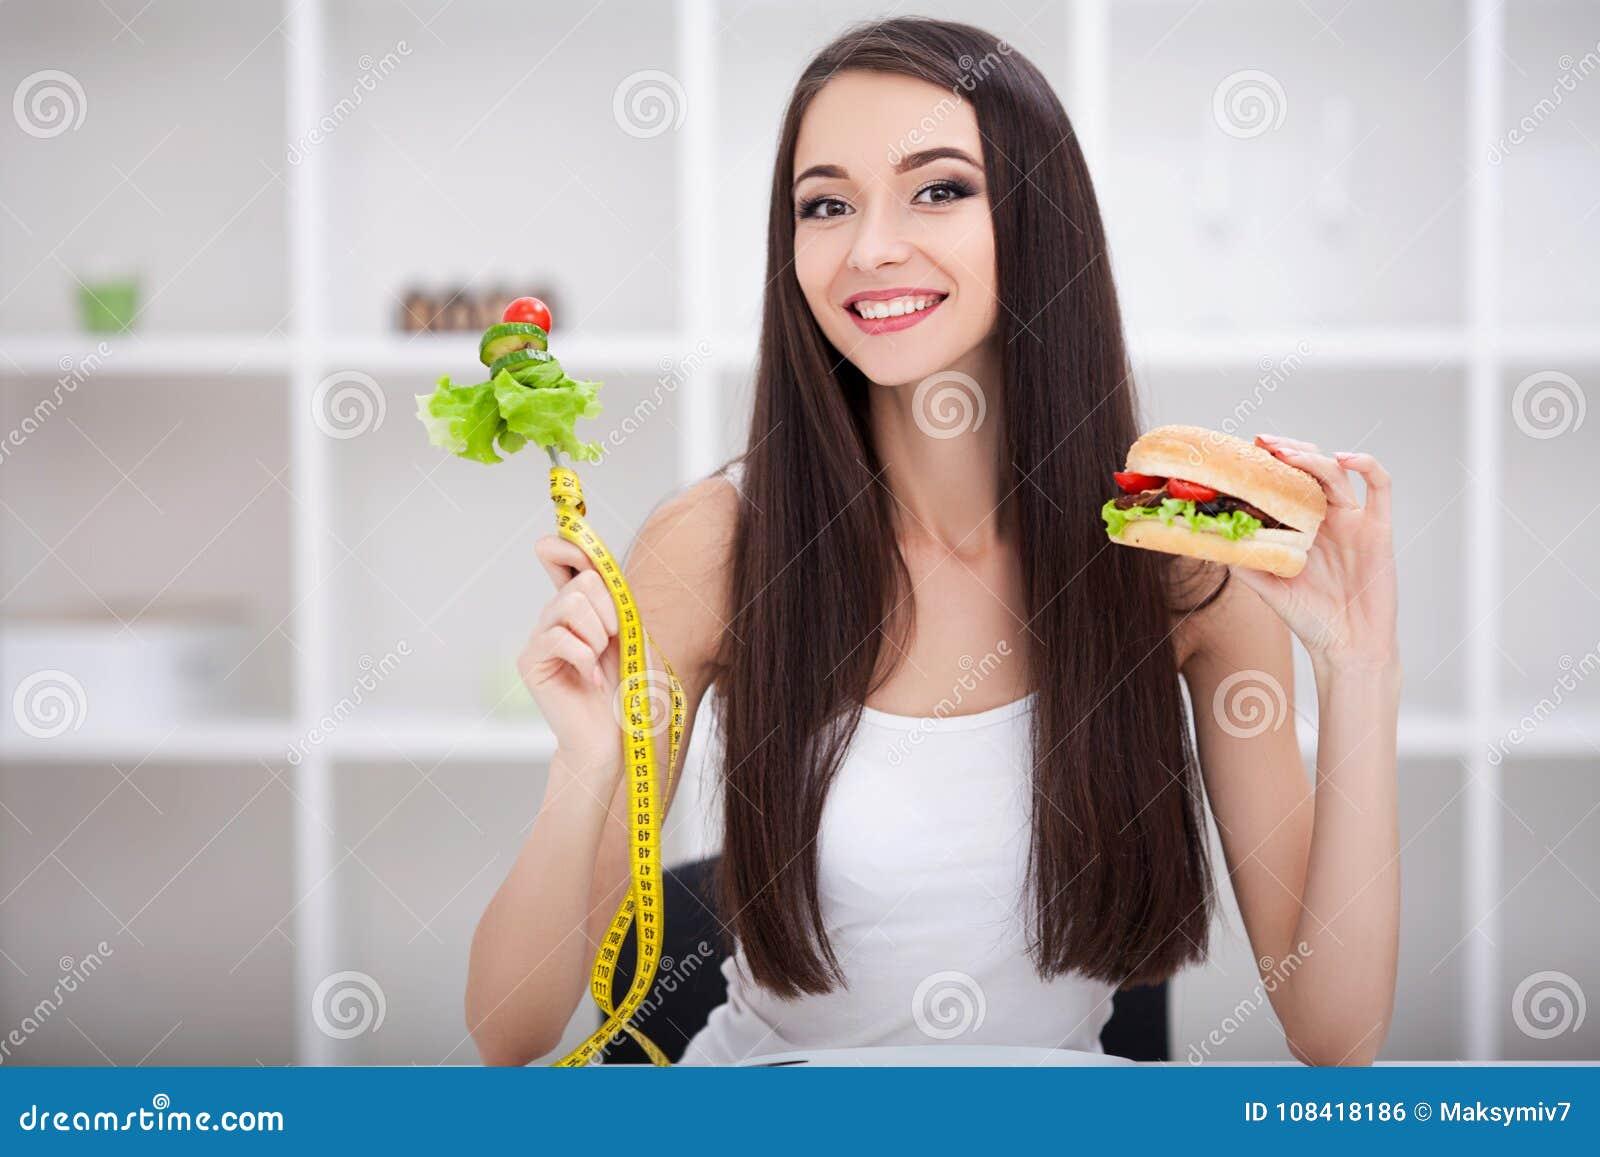 Dieta Conceito de dieta Escolha da menina saudável contra a comida lixo